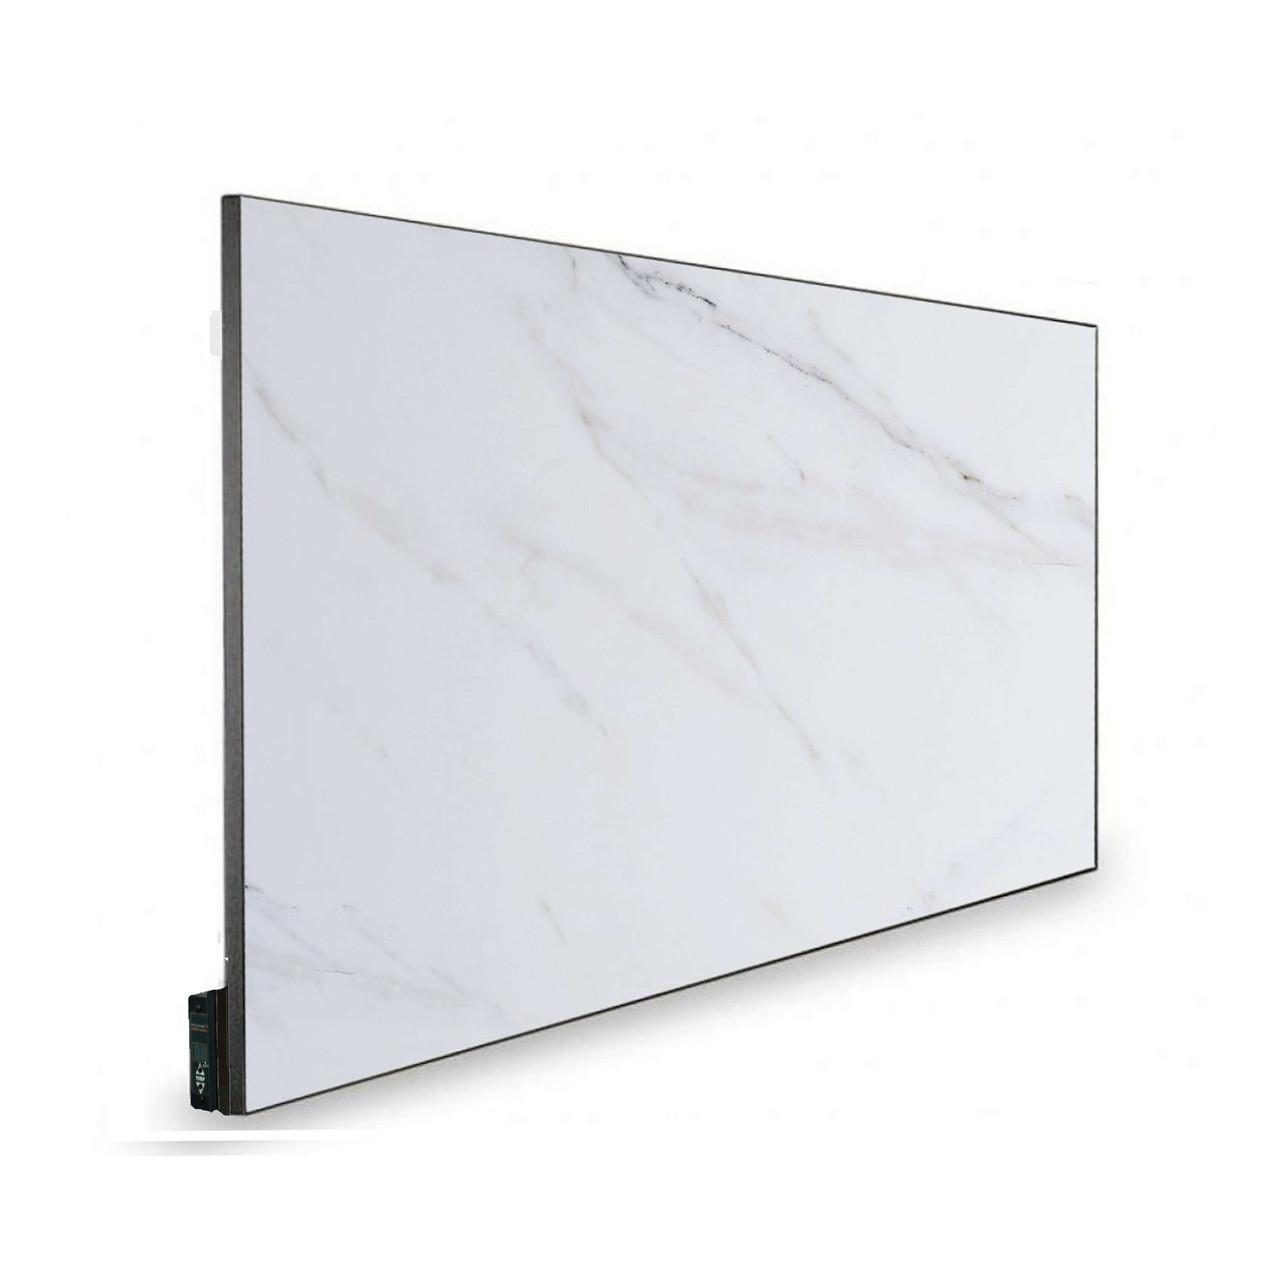 Керамический инфракрасный панельный обогреватель TC450R 500Вт (Белый мрамор)